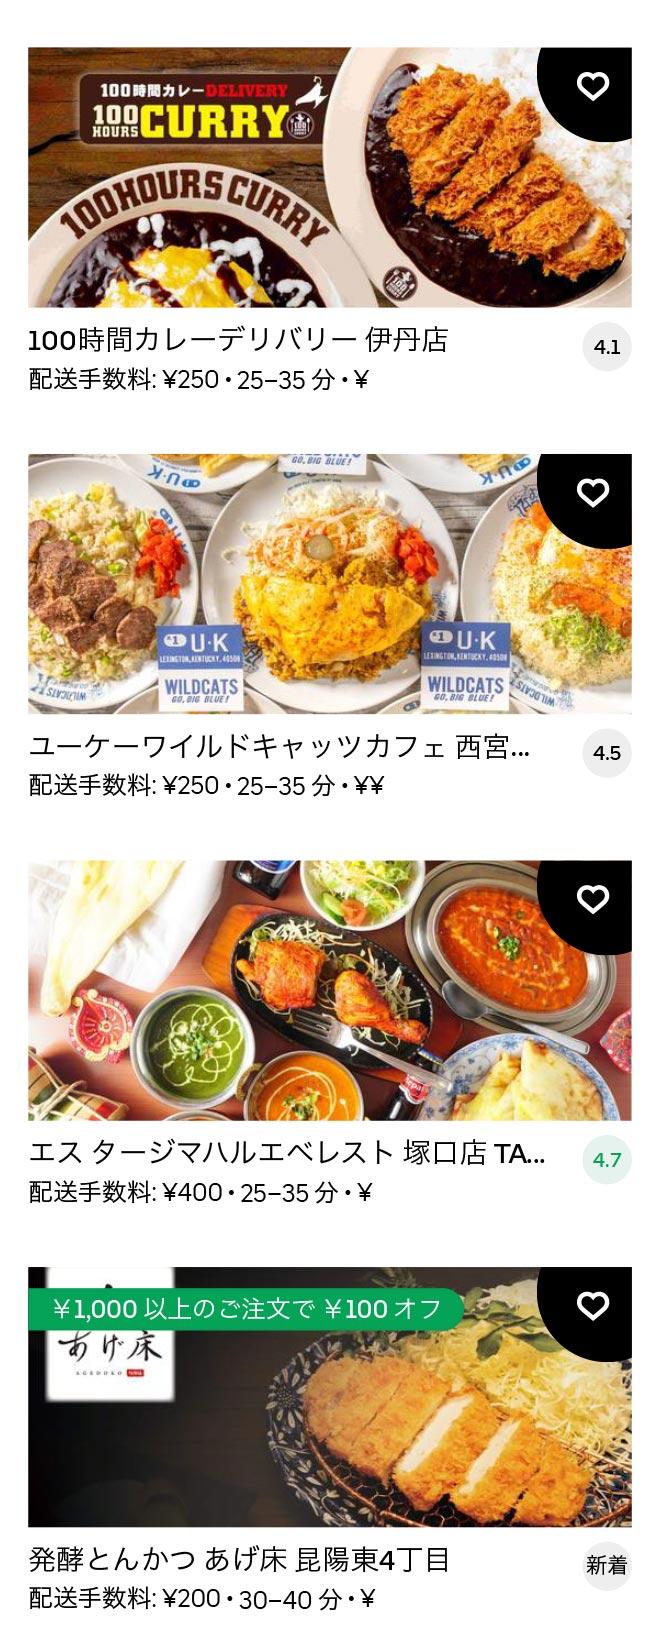 Itami nakano menu 2011 11